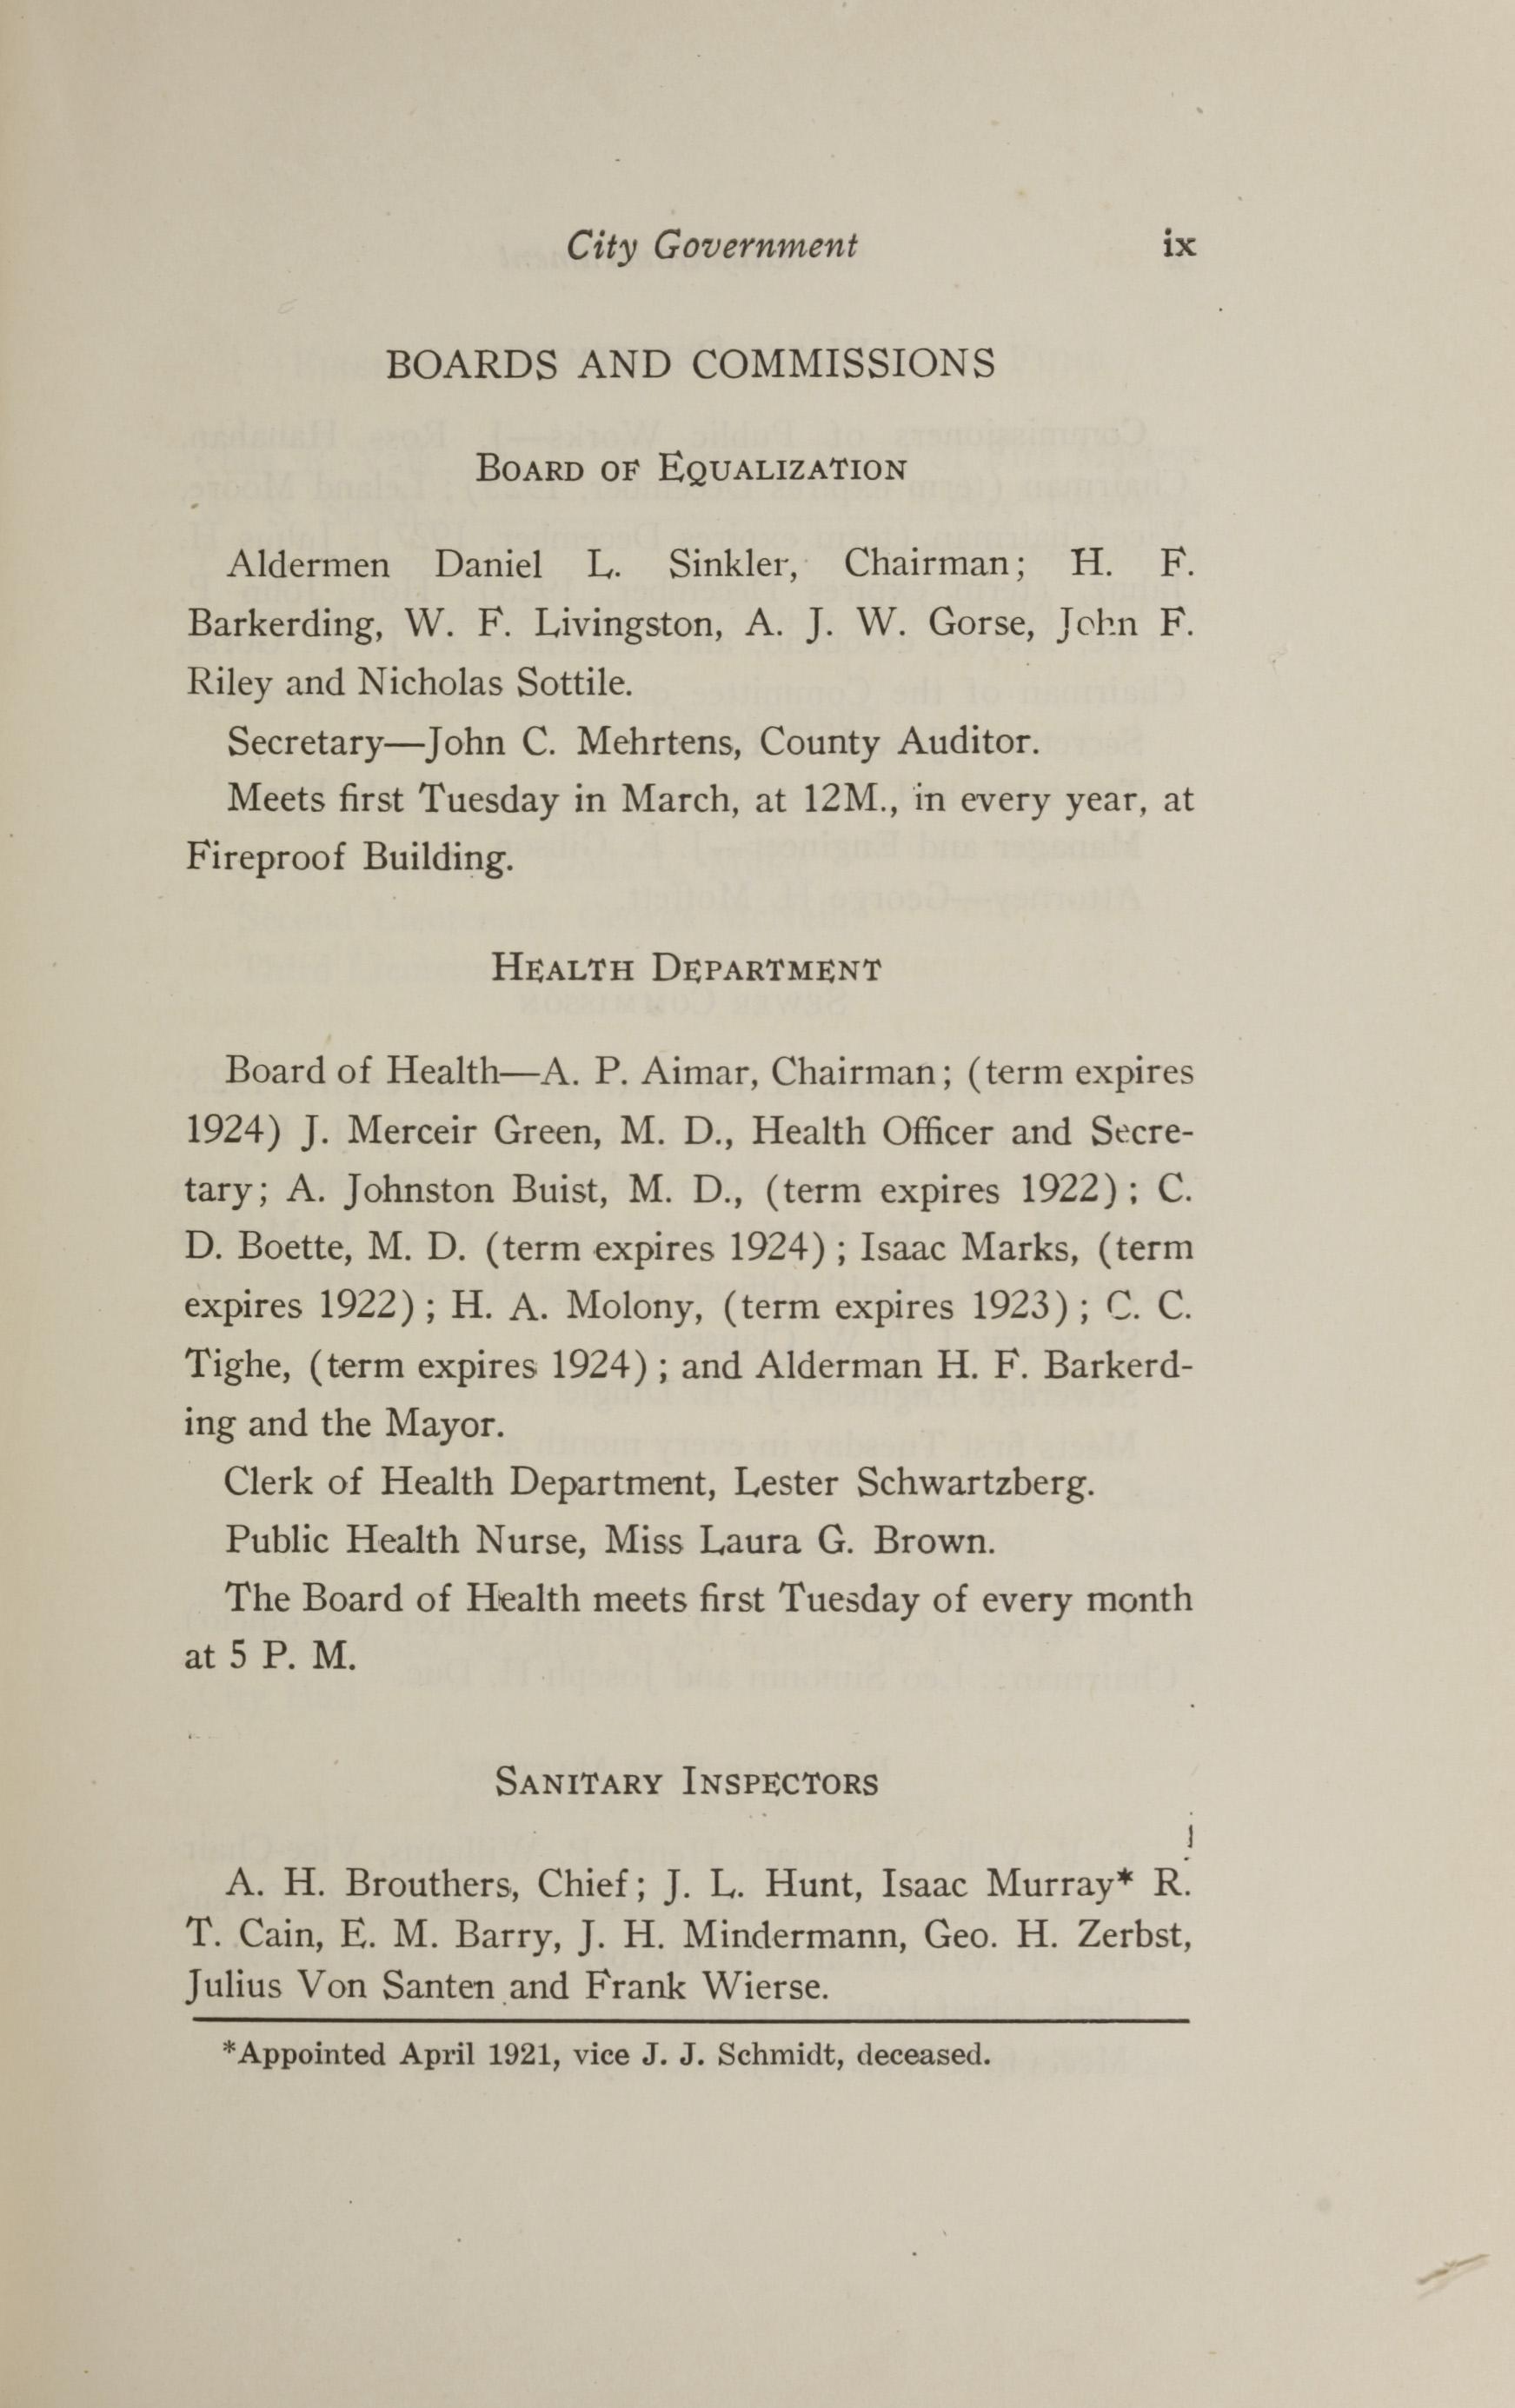 Charleston Yearbook, 1921, page ix